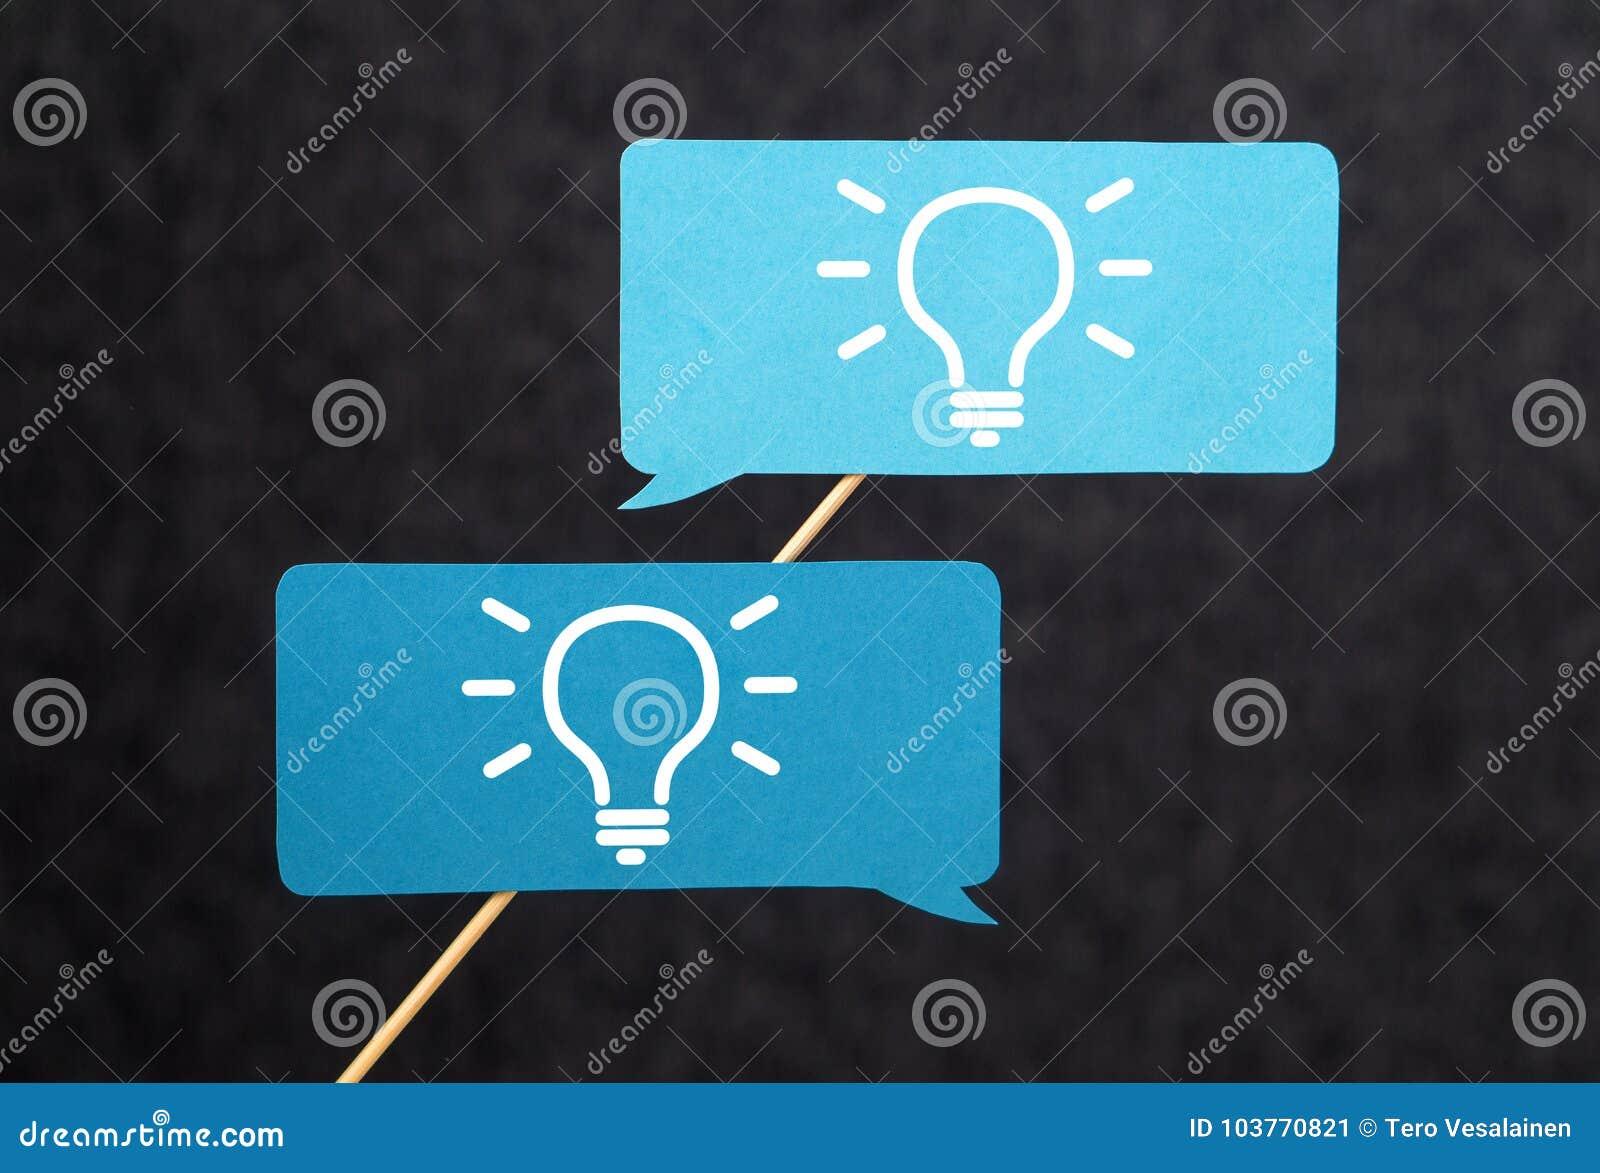 Έννοια καινοτομίας, καταιγισμού ιδεών, έμπνευσης και ομαδικής εργασίας